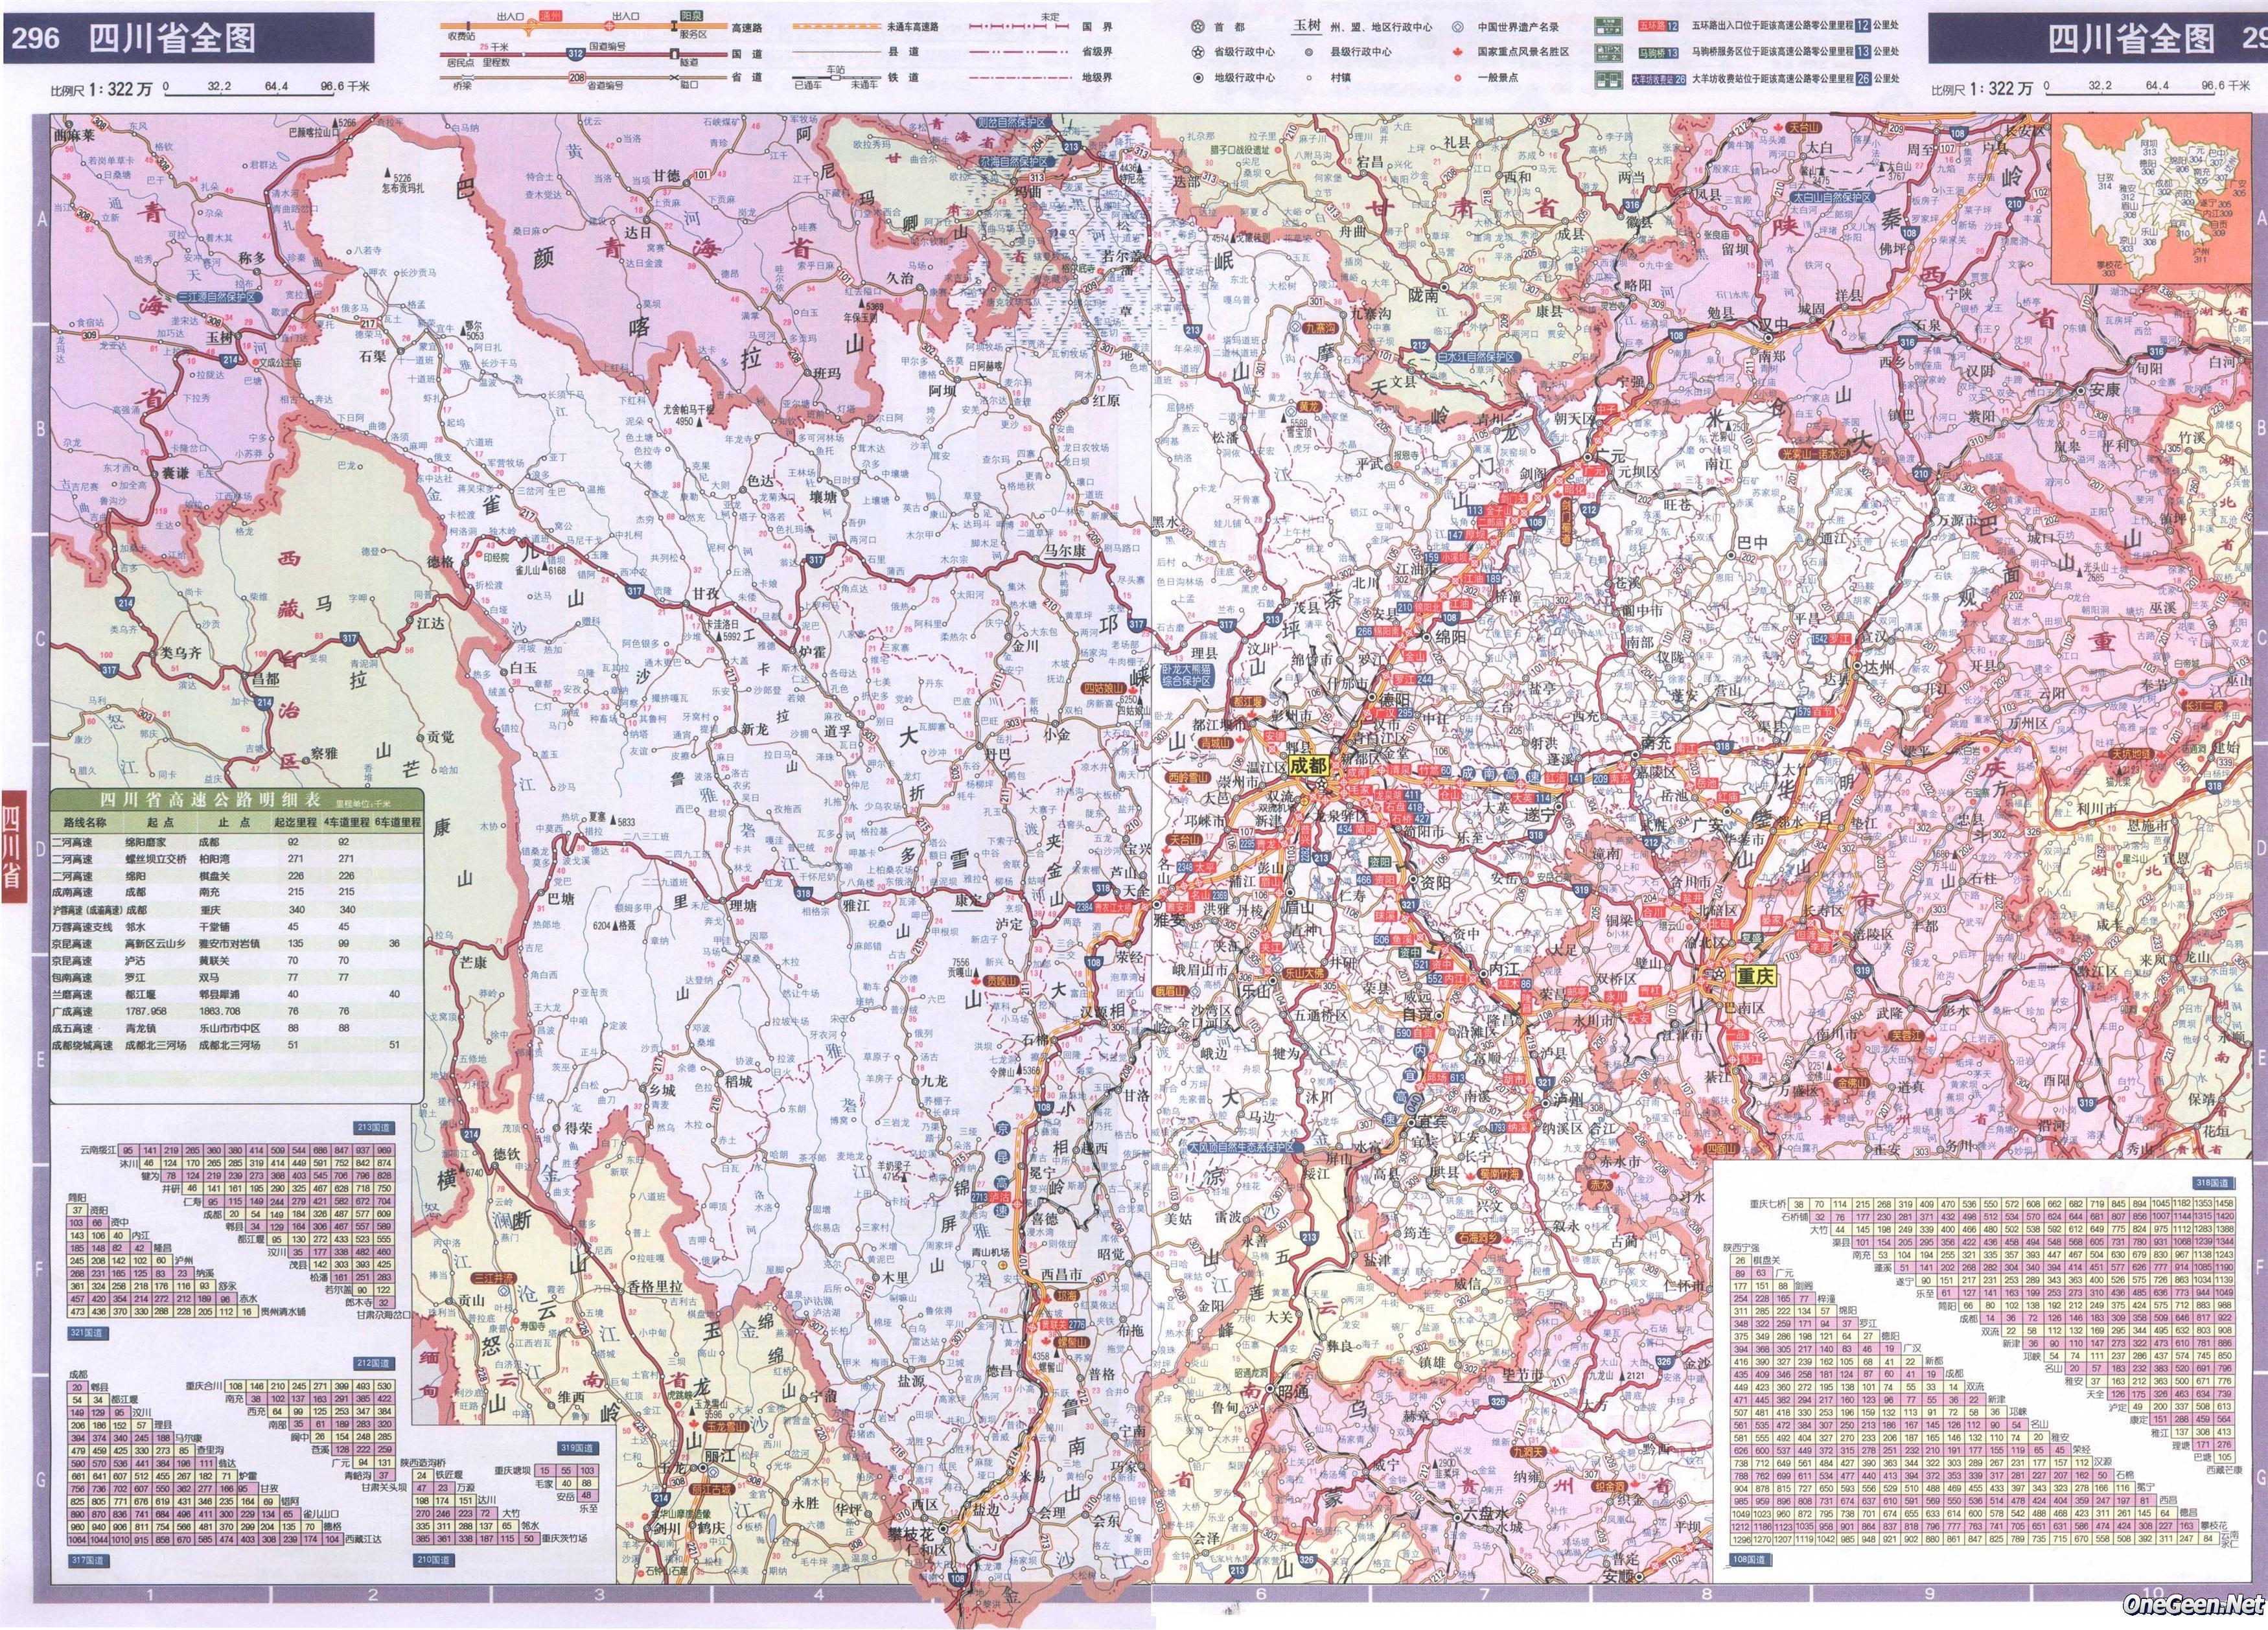 上一张地图: 湖南省怀化市邵阳市交通地图